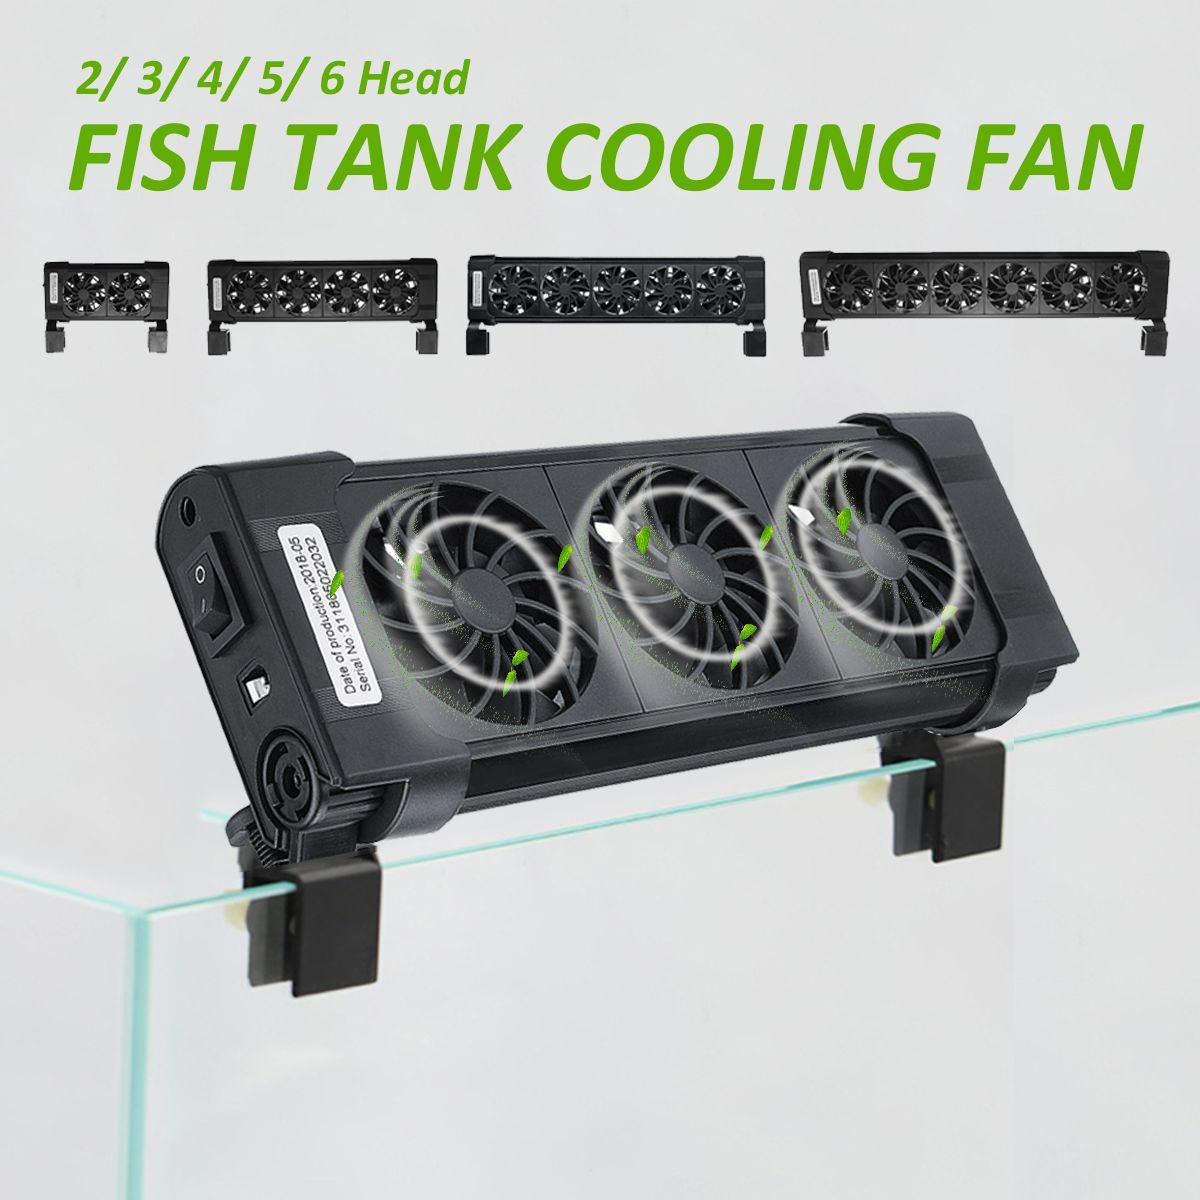 2/3/4/5/6 köpfe Fan 110-240 v Aquarium Kühlung Fans Fisch Tank kalten Wind Chiller Einstellbare Wasser Kühler Temperatur Control